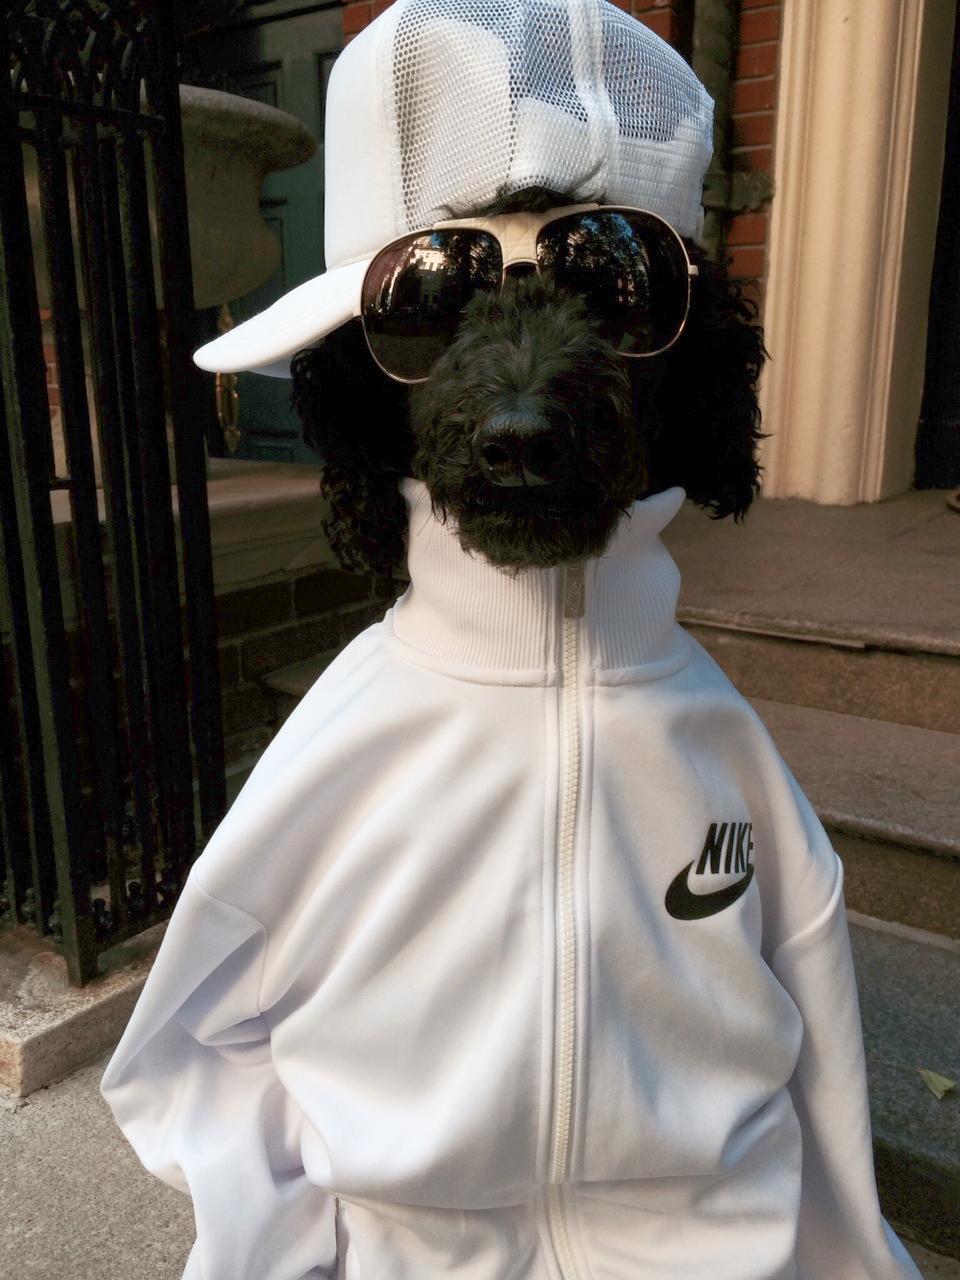 Nike Jacket, Otto baseball hat, Carrera sunglasses